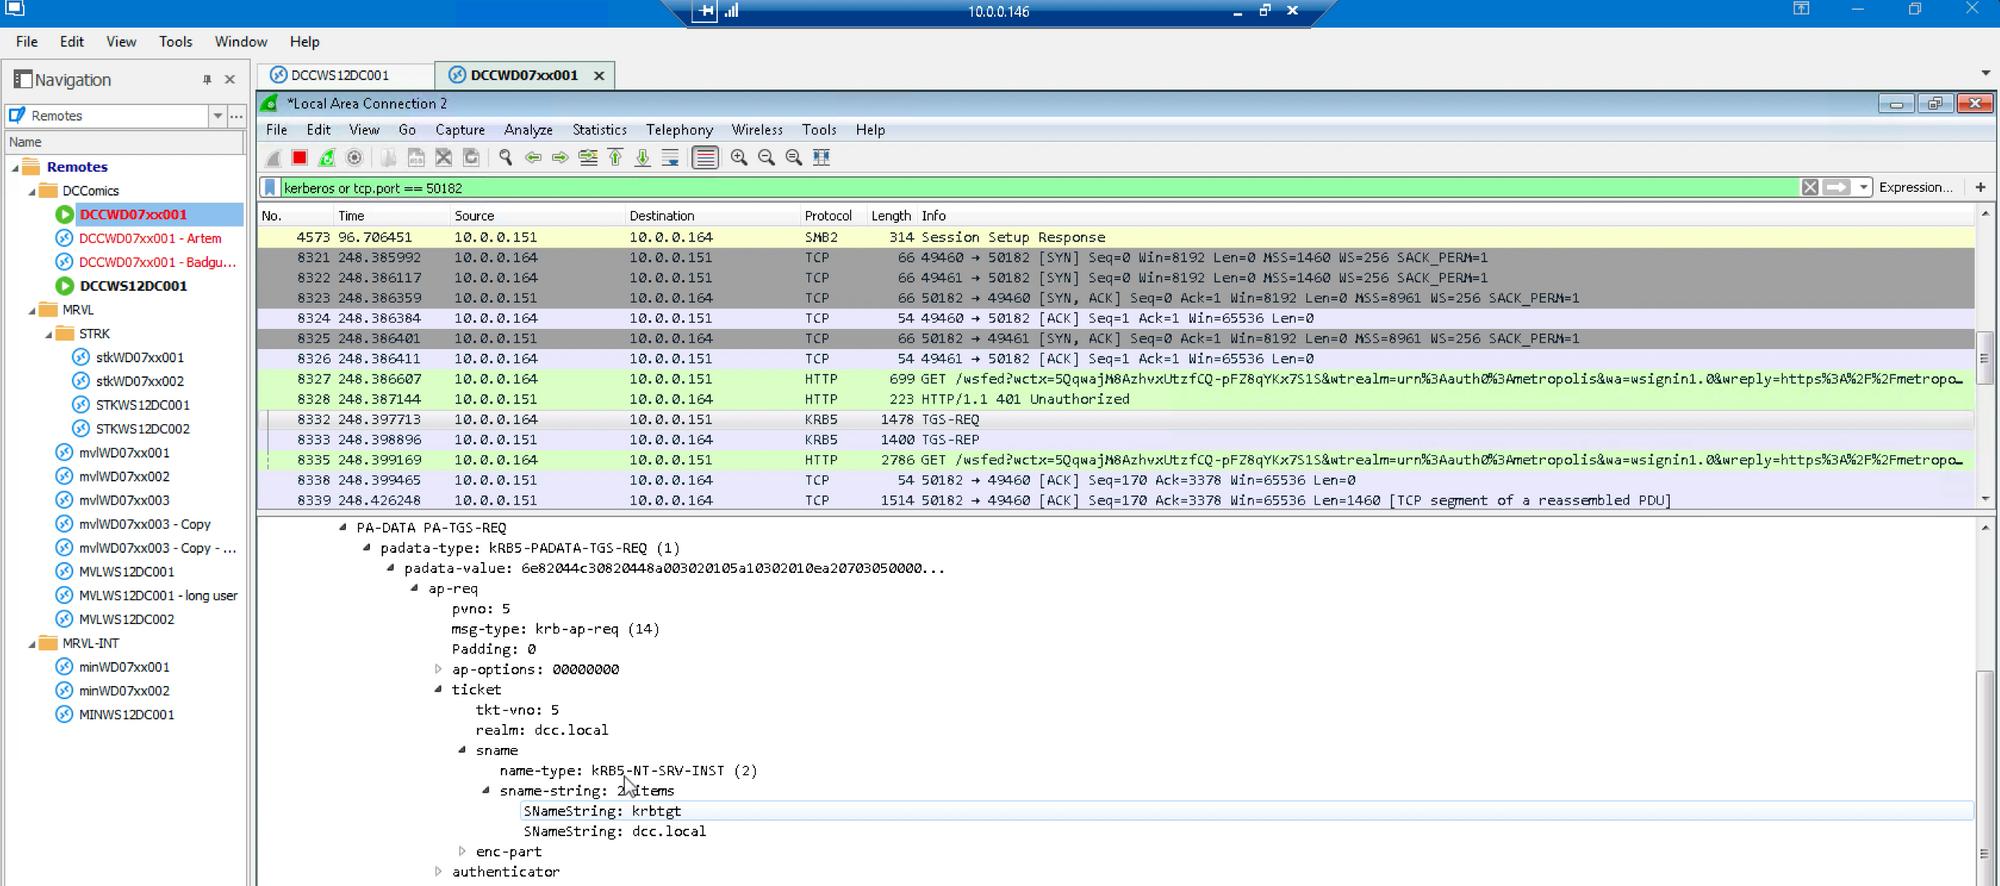 GT attack Wireshark forged ticket